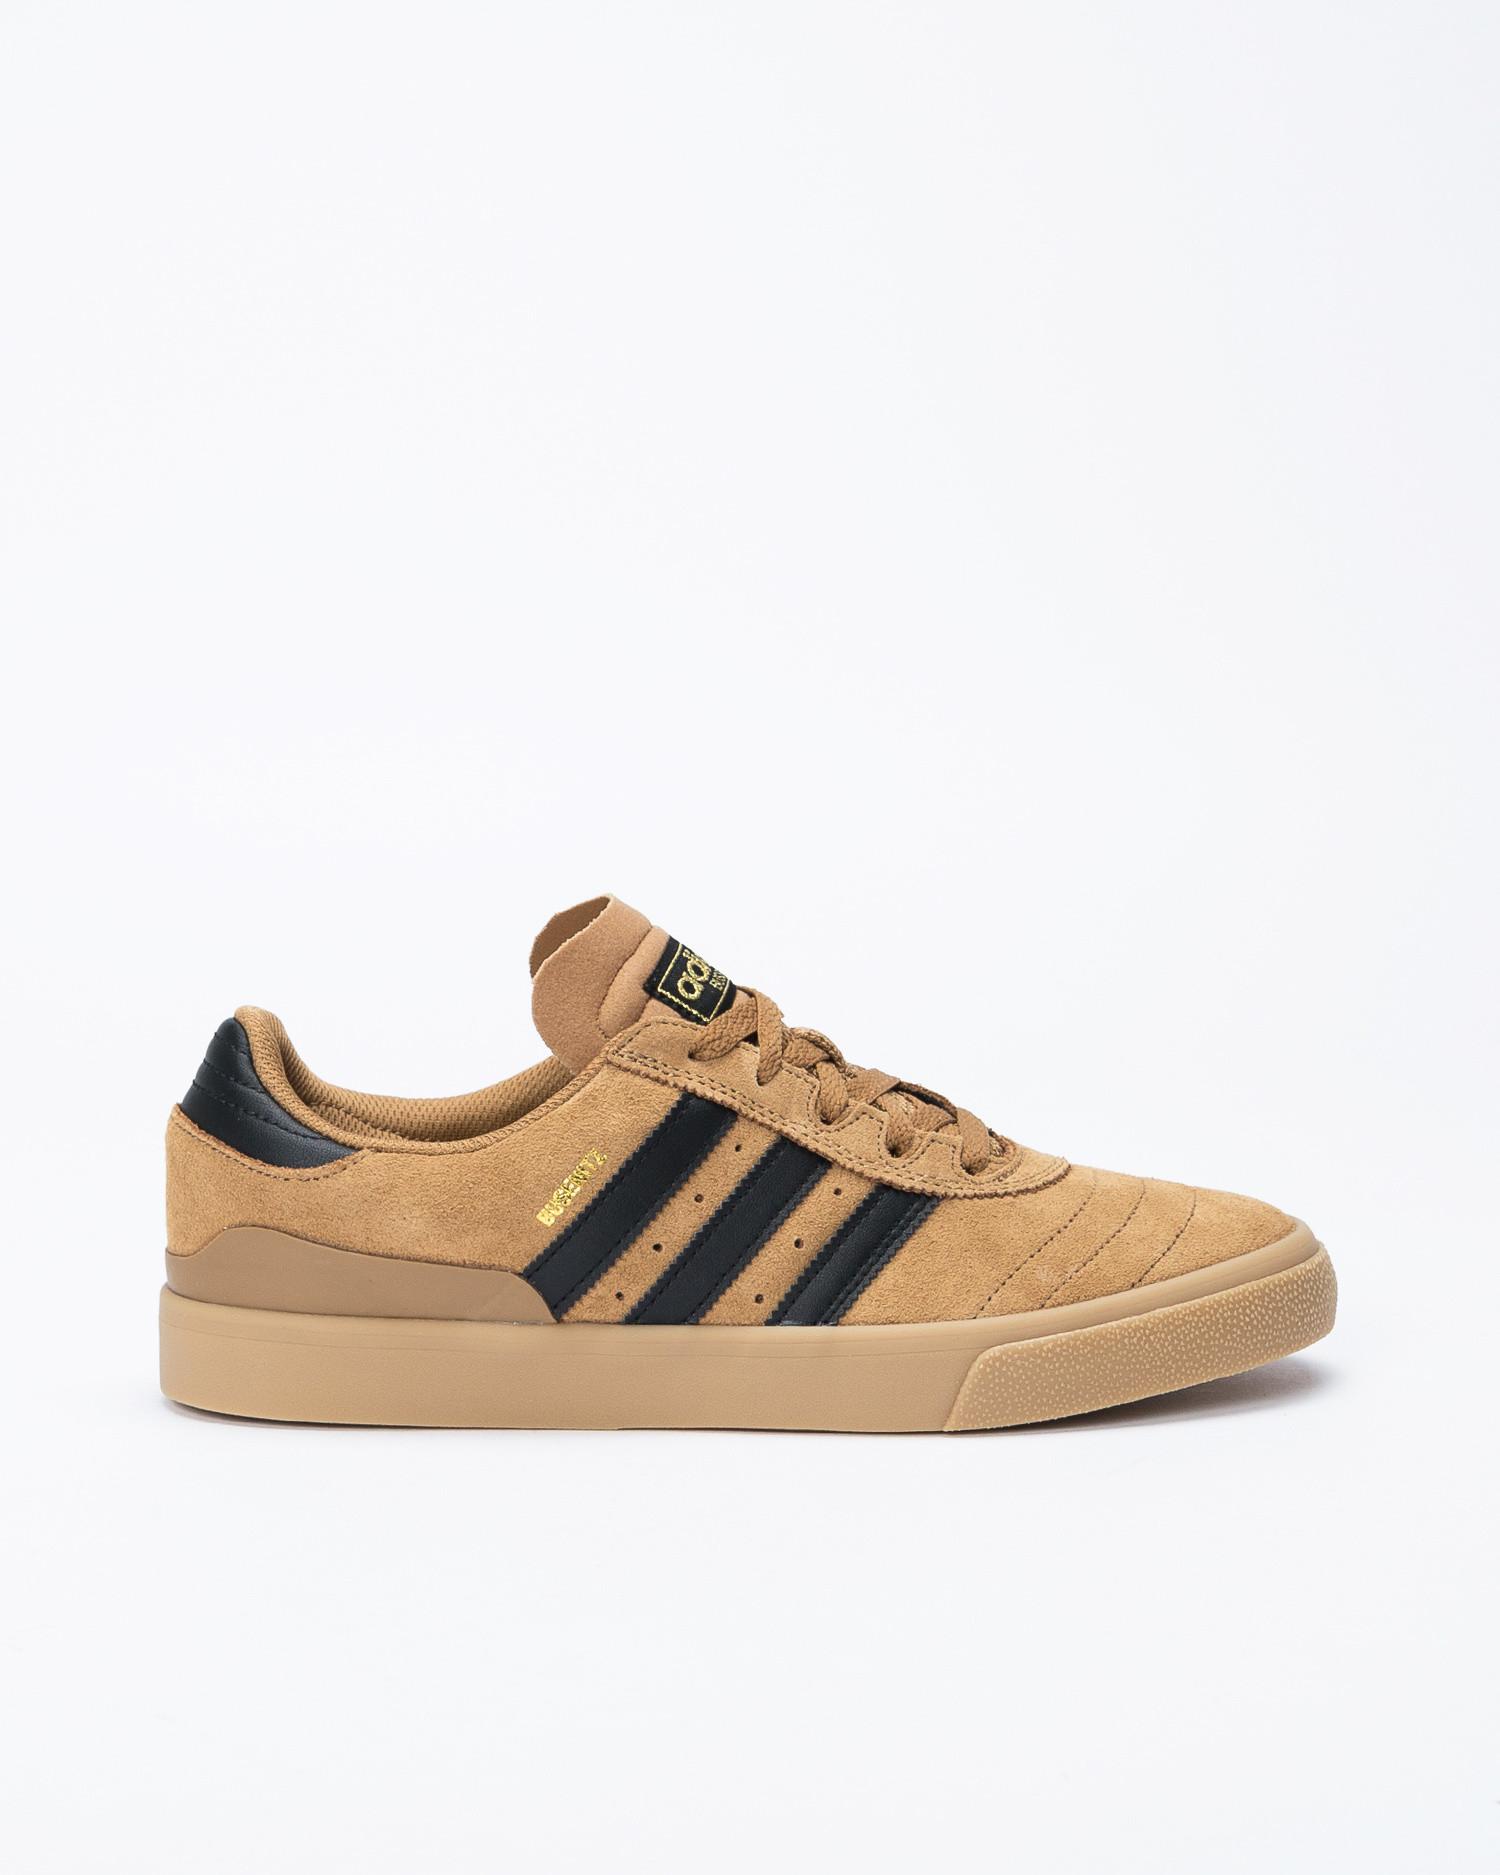 Adidas busenitz vulc Rawdes/Cblack/Gum